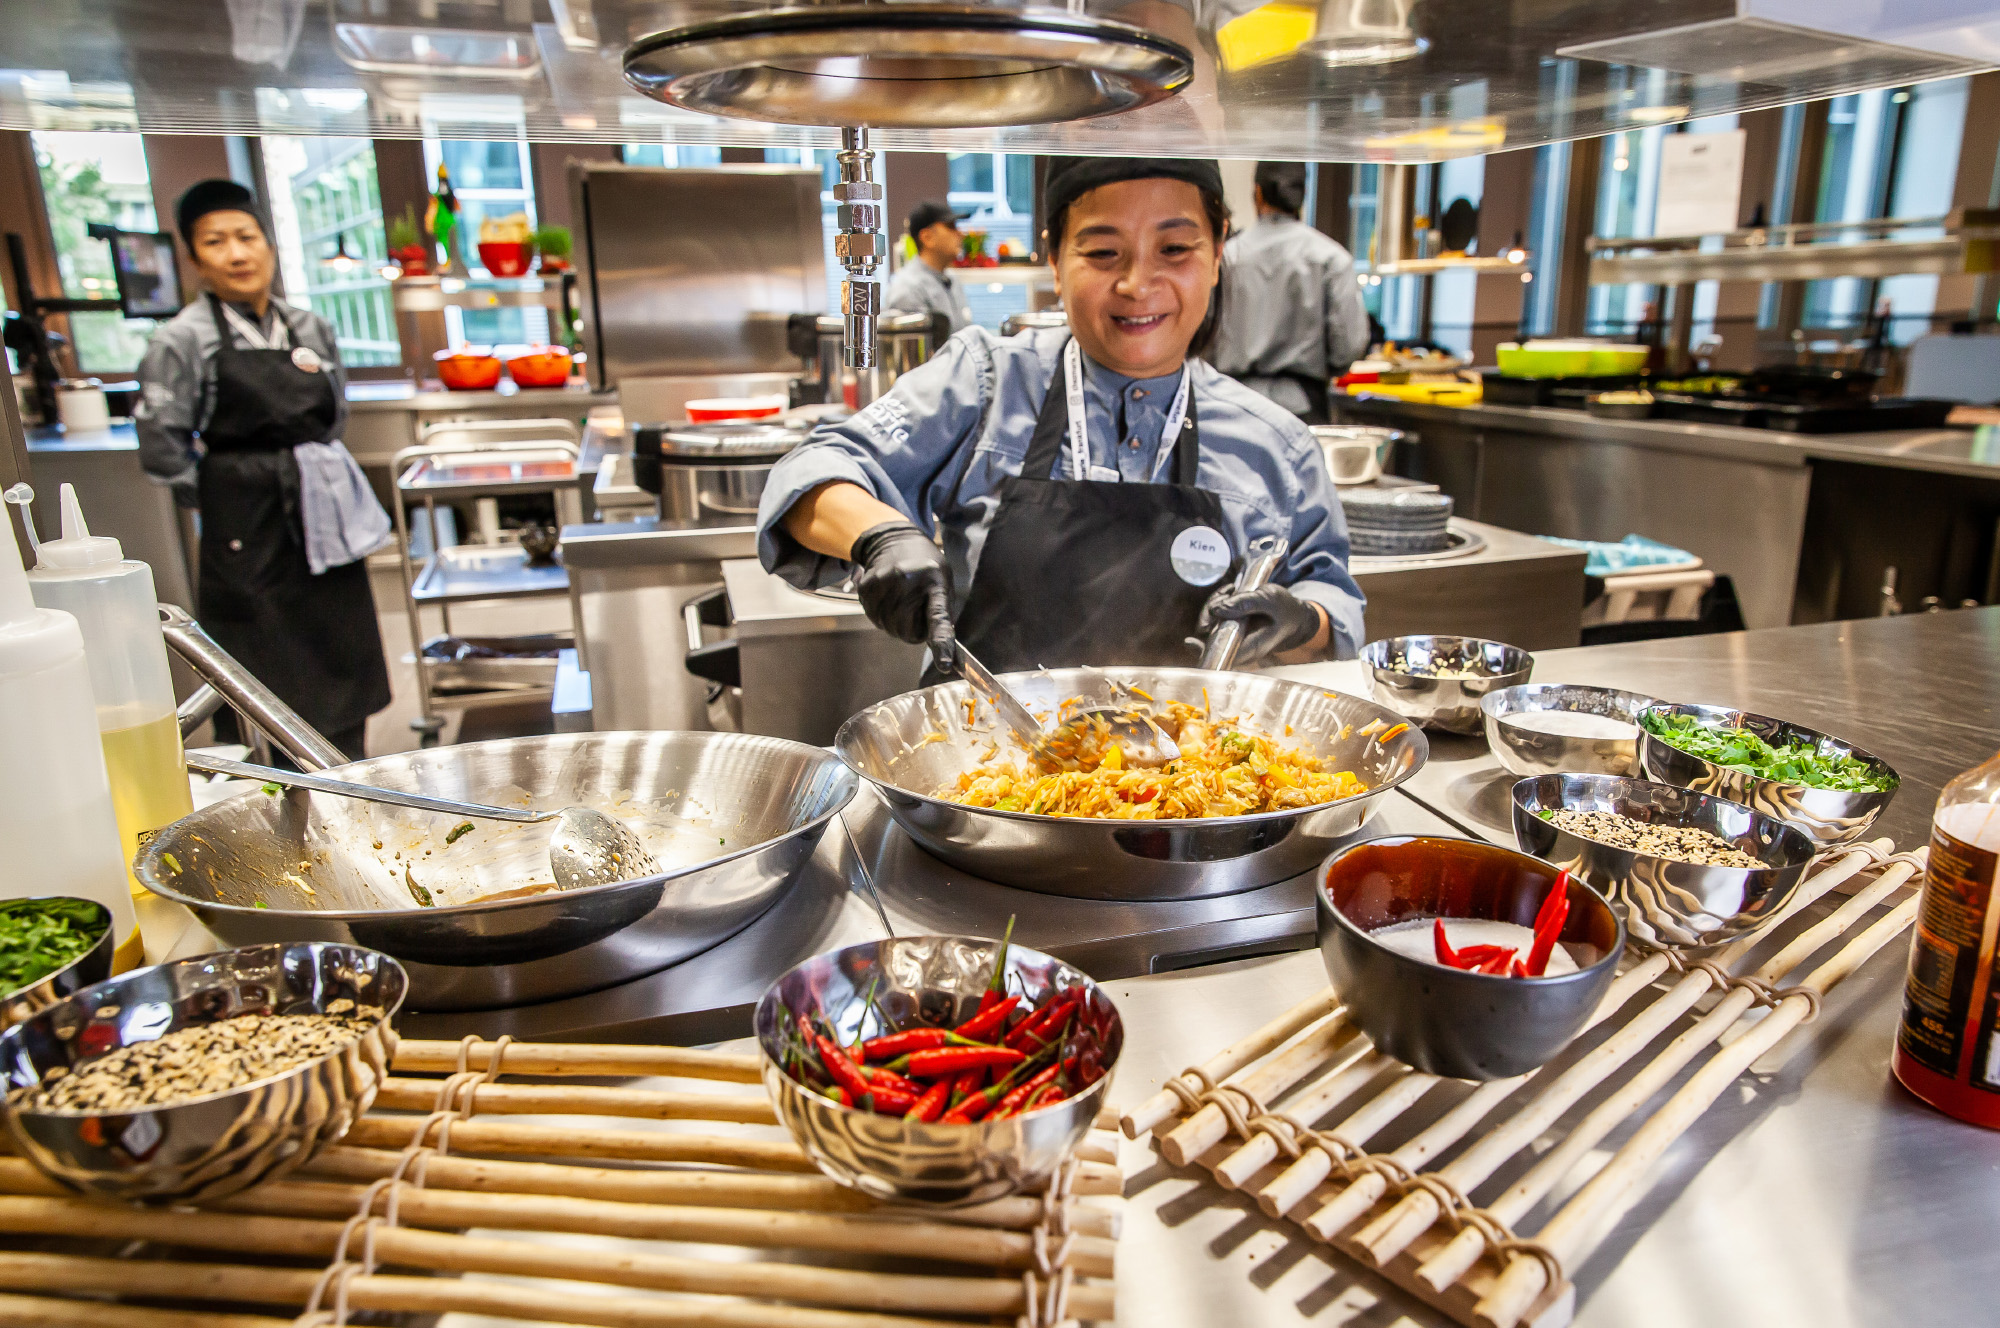 Köchin bei der Zubereitung von asiatischen Köstlichkeiten